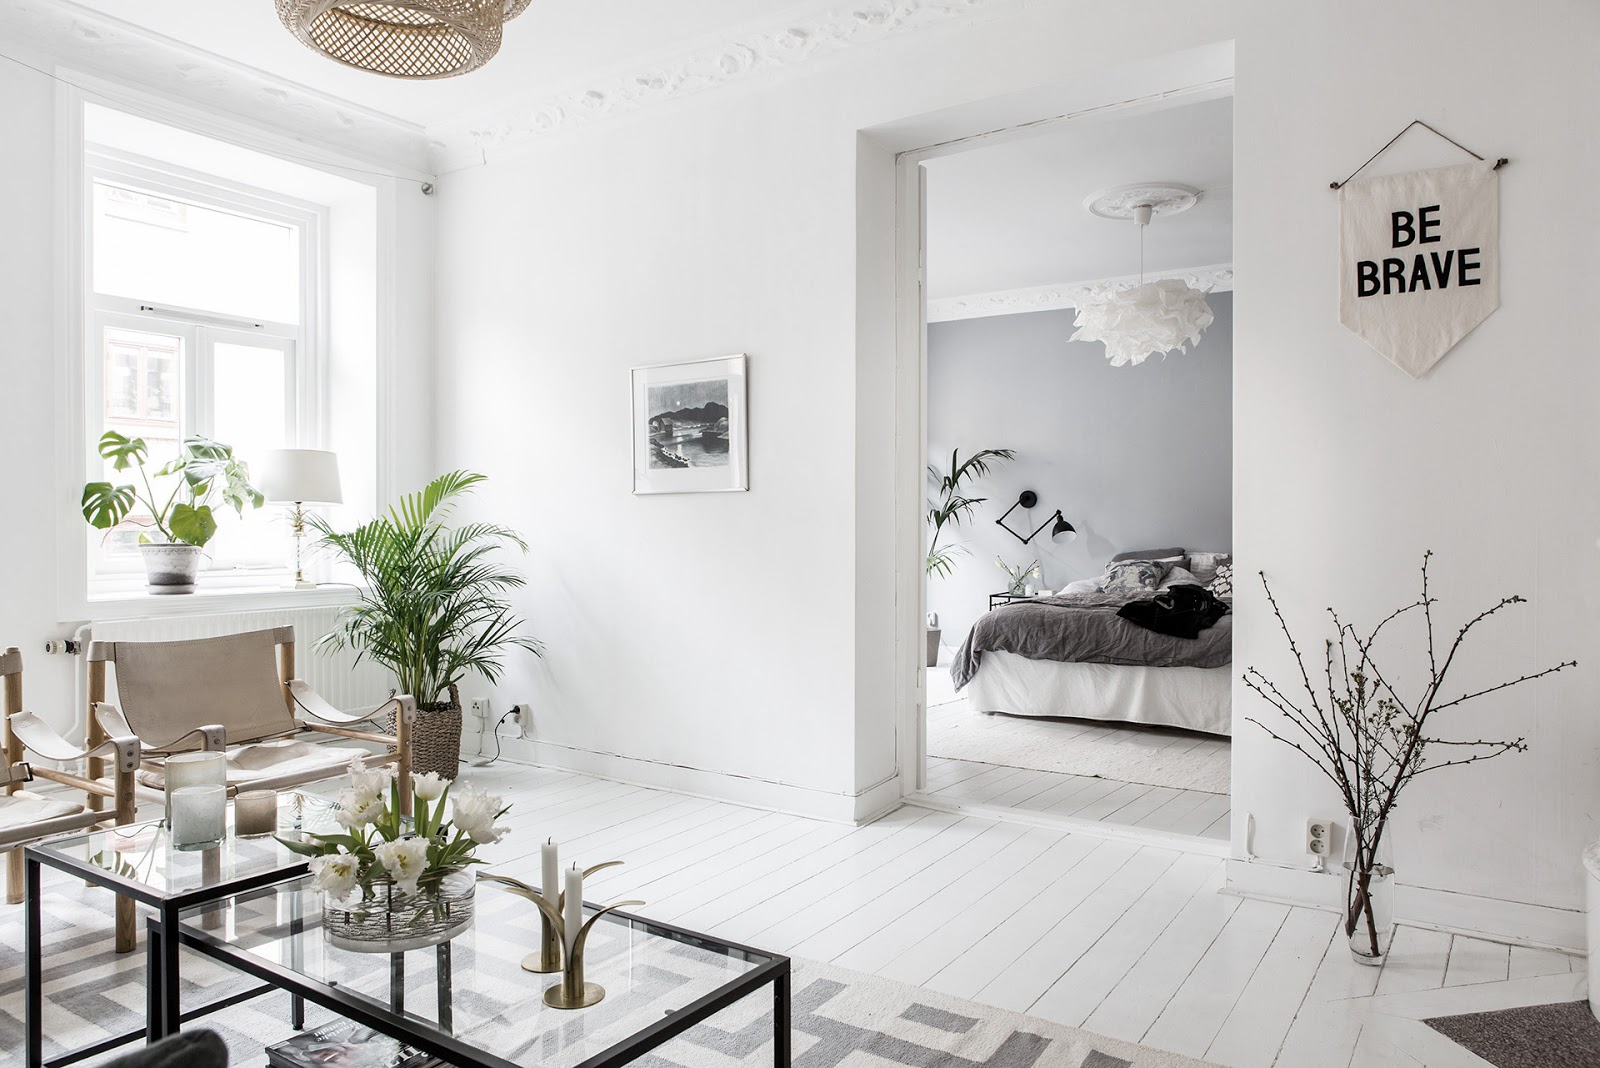 dormitorio, estilo nordico, parquet blanco, suelo madera, decoración nordica, cama, cuadro, salon